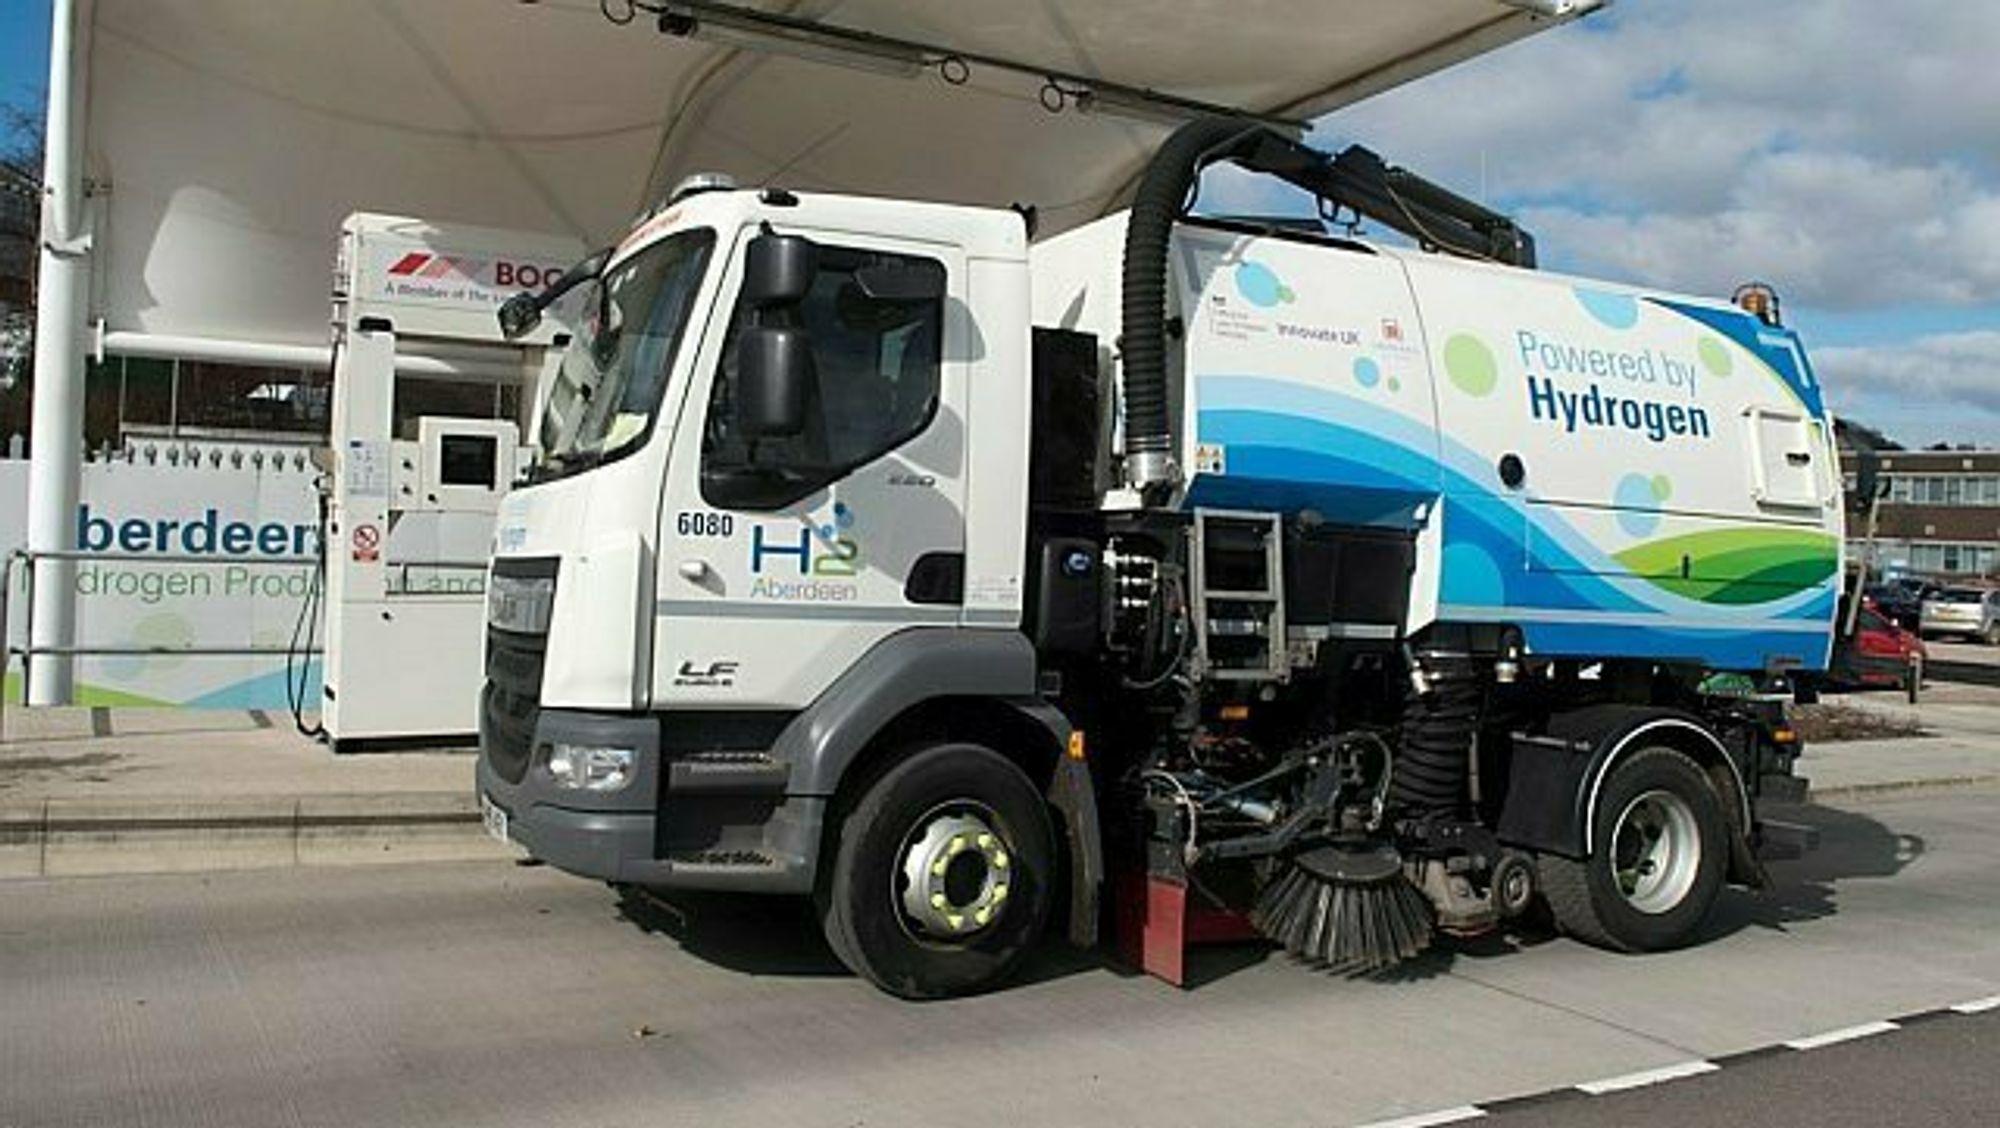 Aberdeen kommune var stolte av å kunne ta i bruk verdens første hydrogendrevne feiebil. Kommunen ser på hydrogen som en fremtidig inntektskilde i det som tradisjonelt har vært en oljeby.